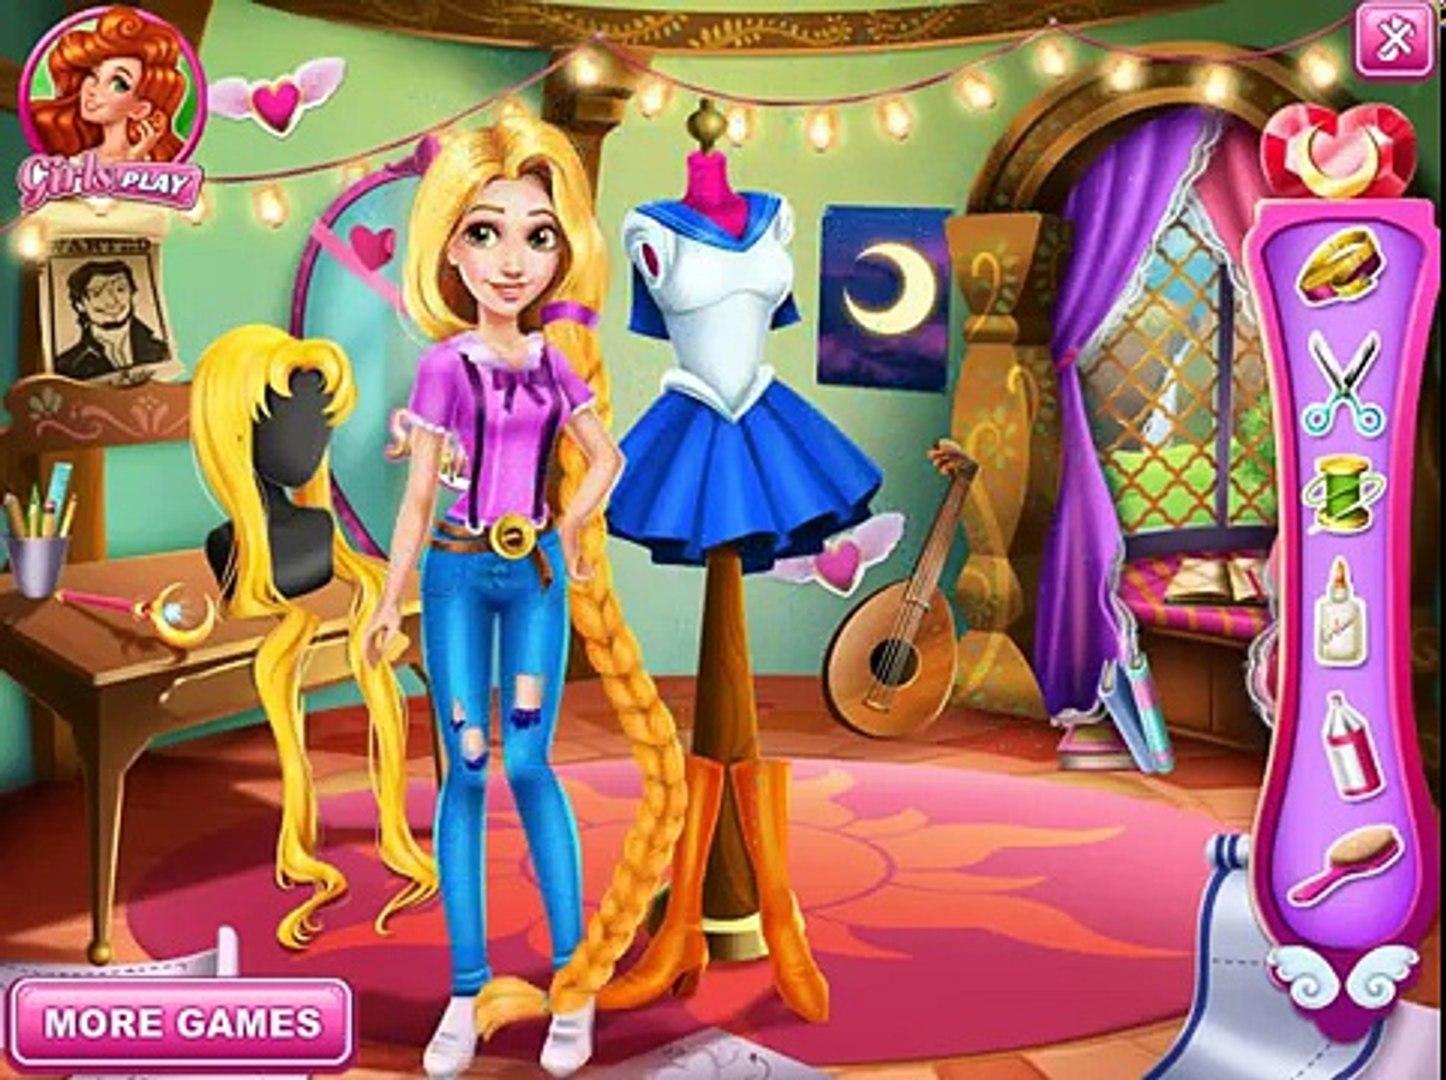 Играть онлайн бесплатно принцесса рапунцель